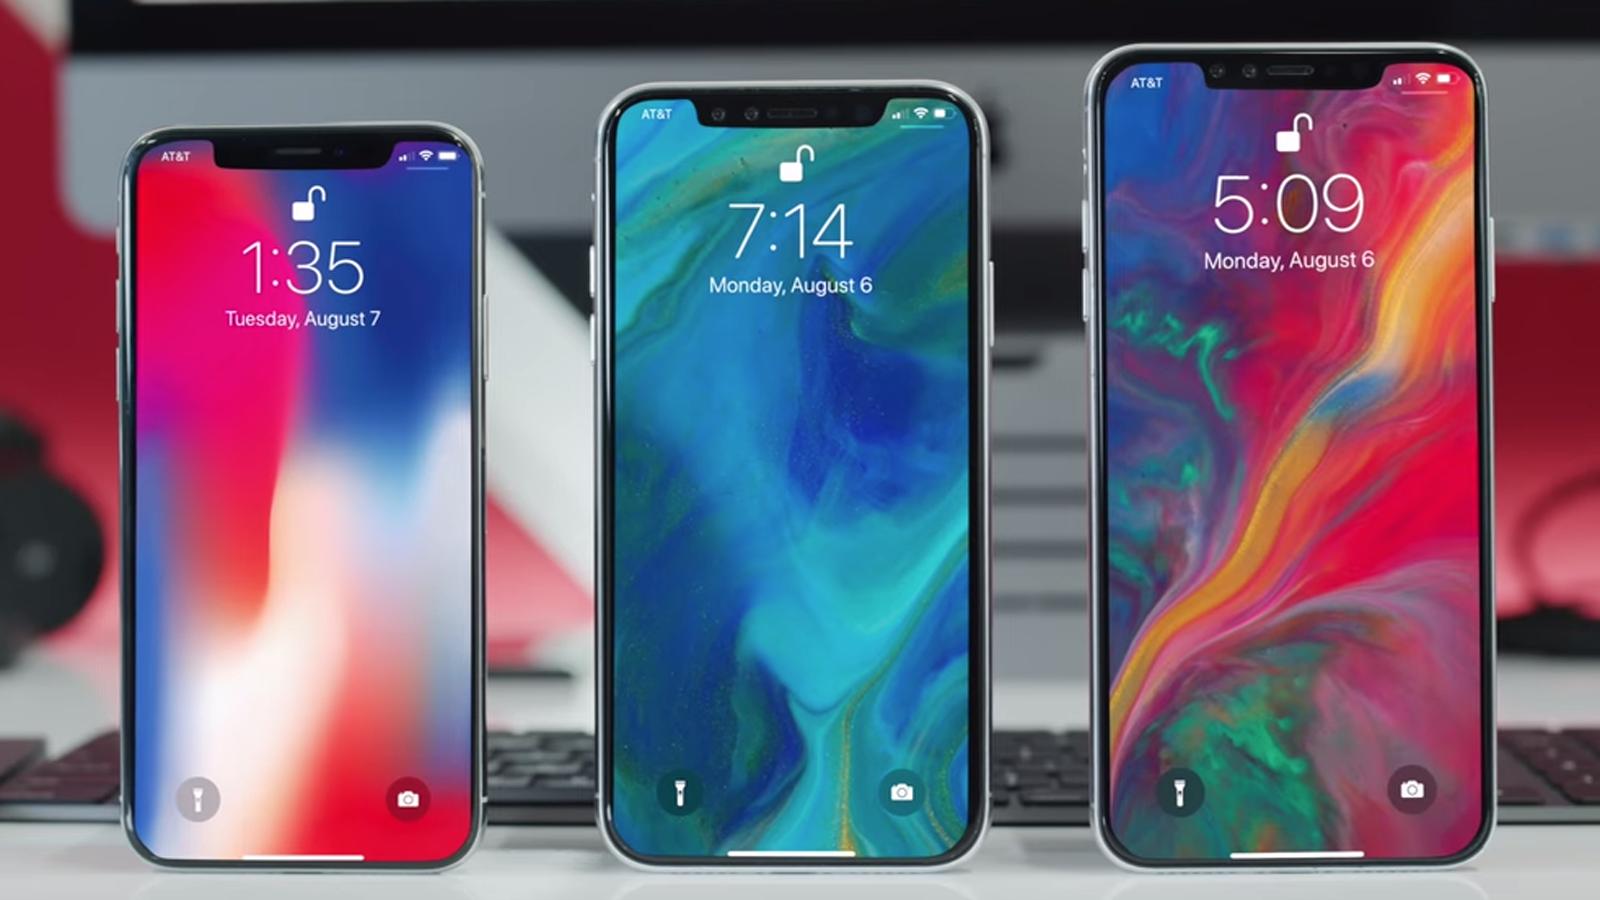 彭博曝光今年新iPhone:外观变化不大 名字仍是谜